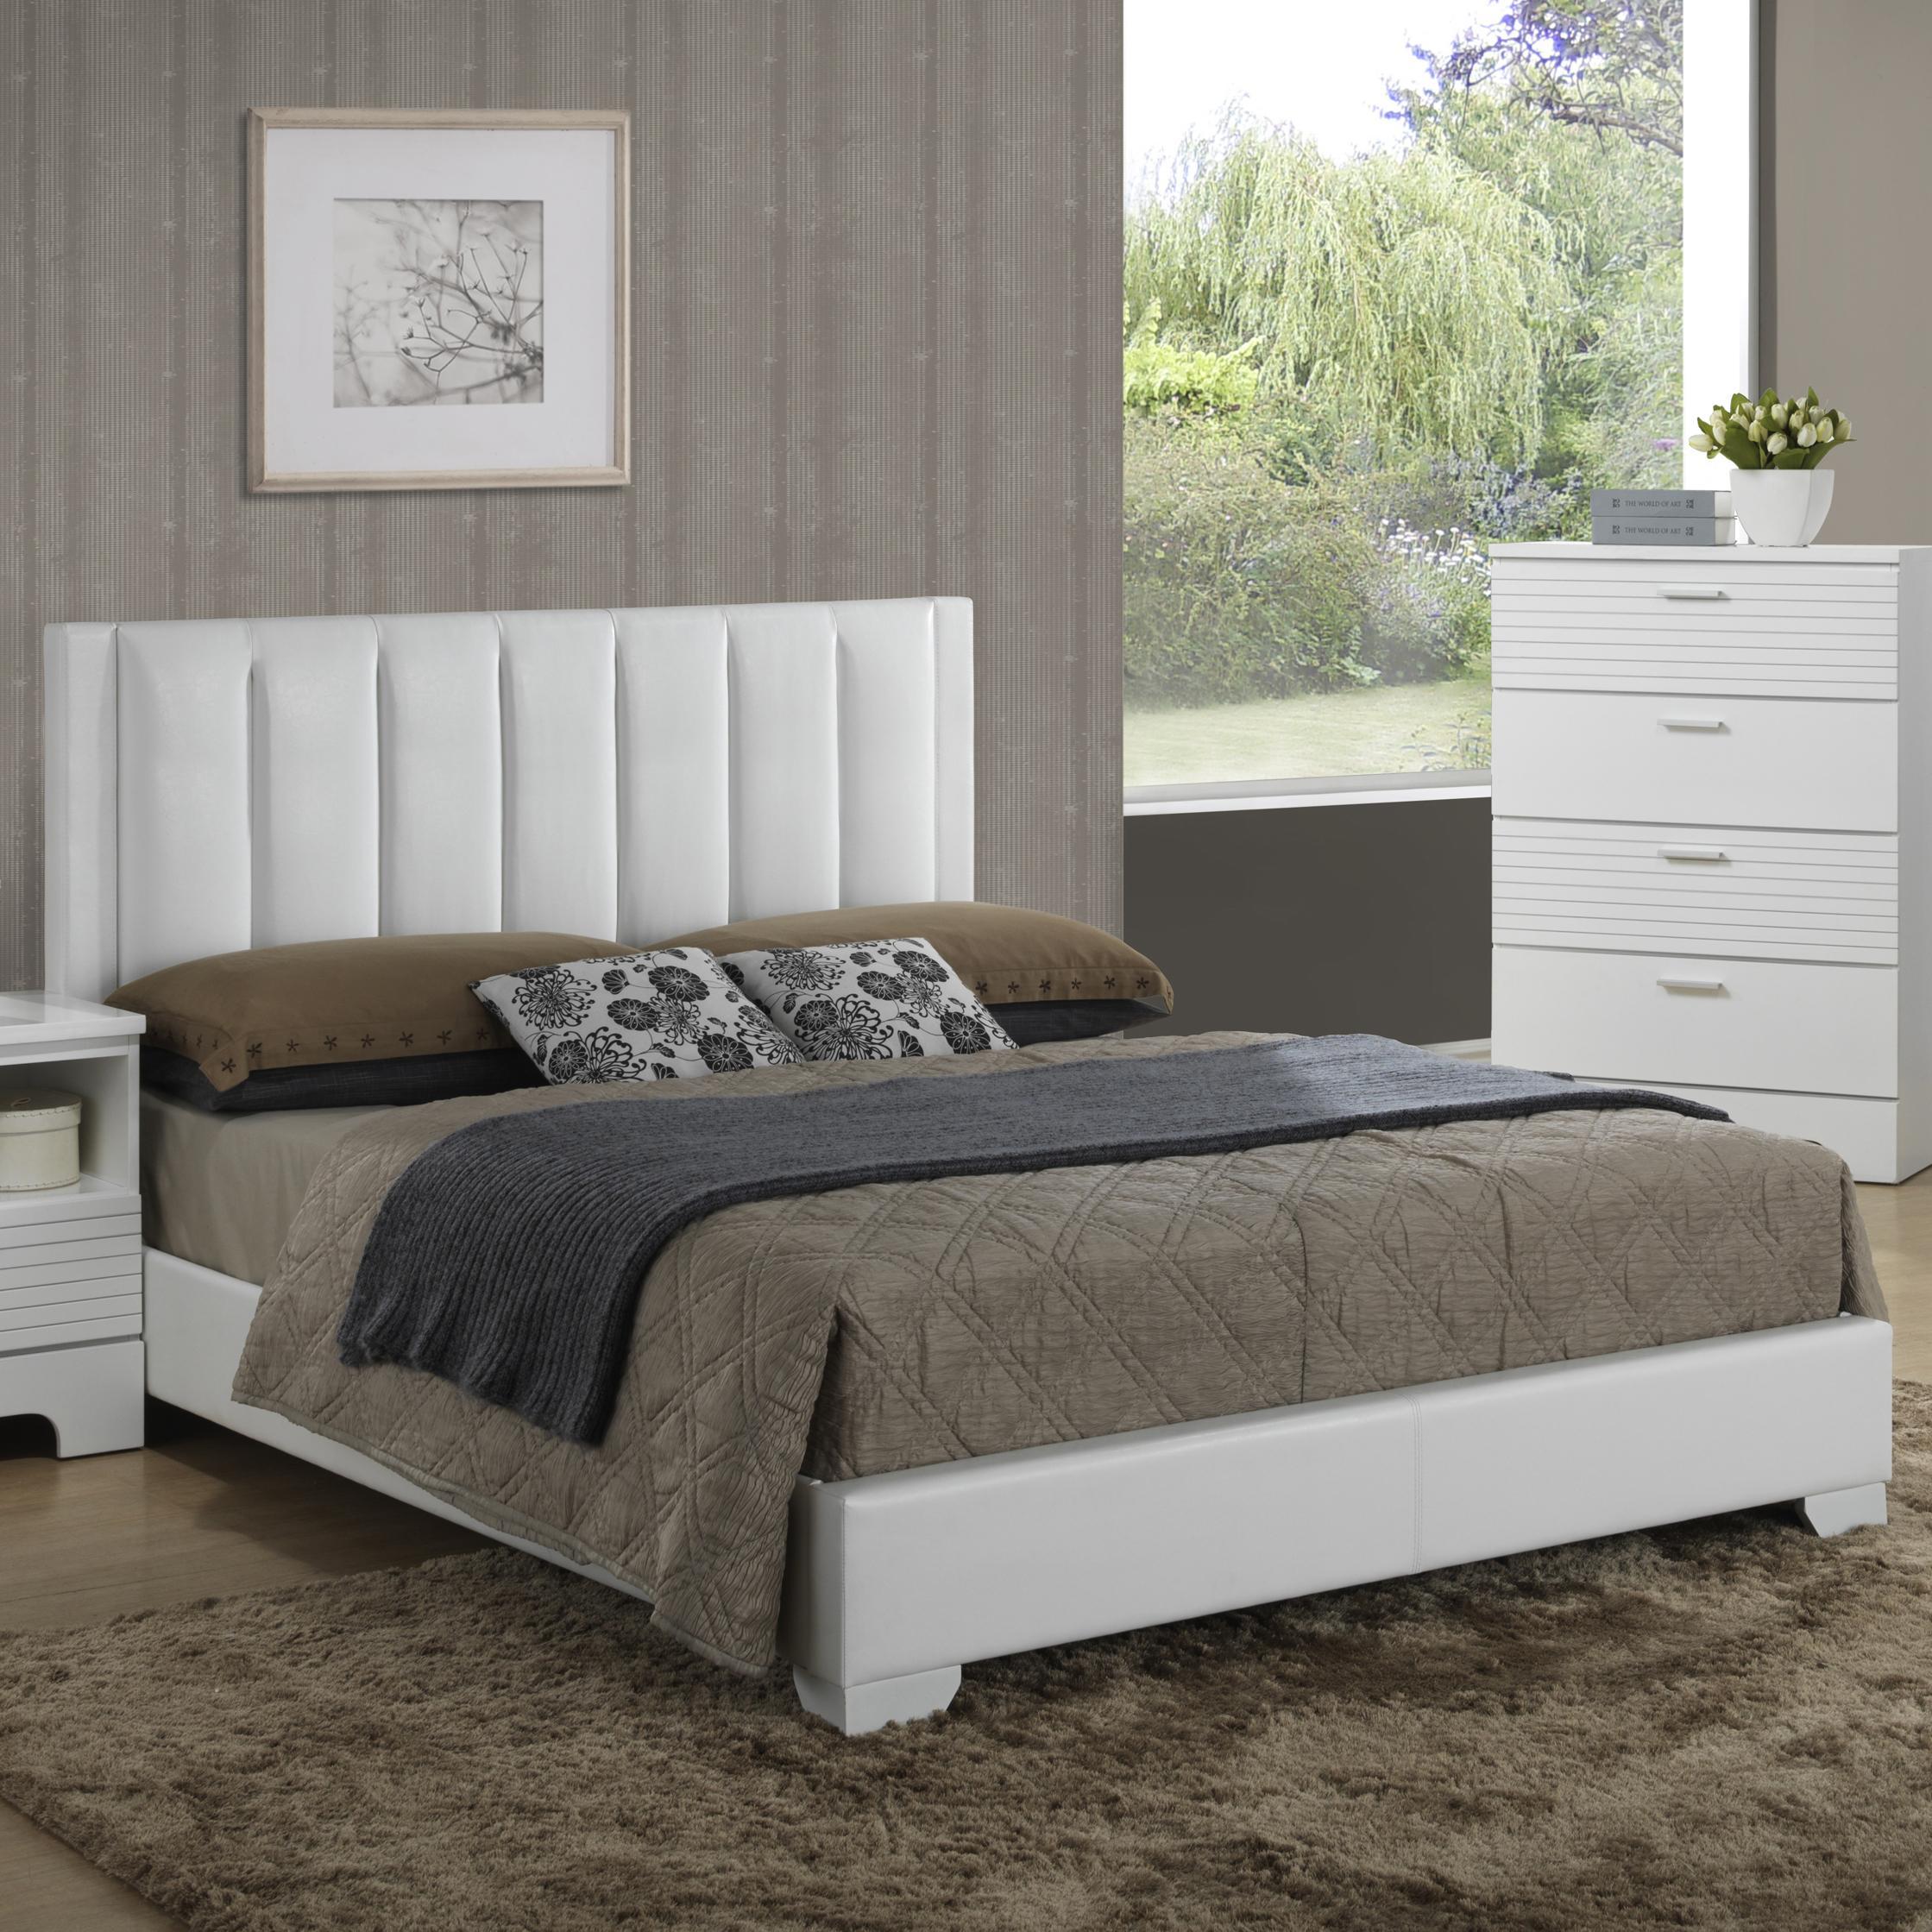 Lifestyle Sami King Panel Bed - Item Number: C3333A-KU0+K30+BUN-WUXX